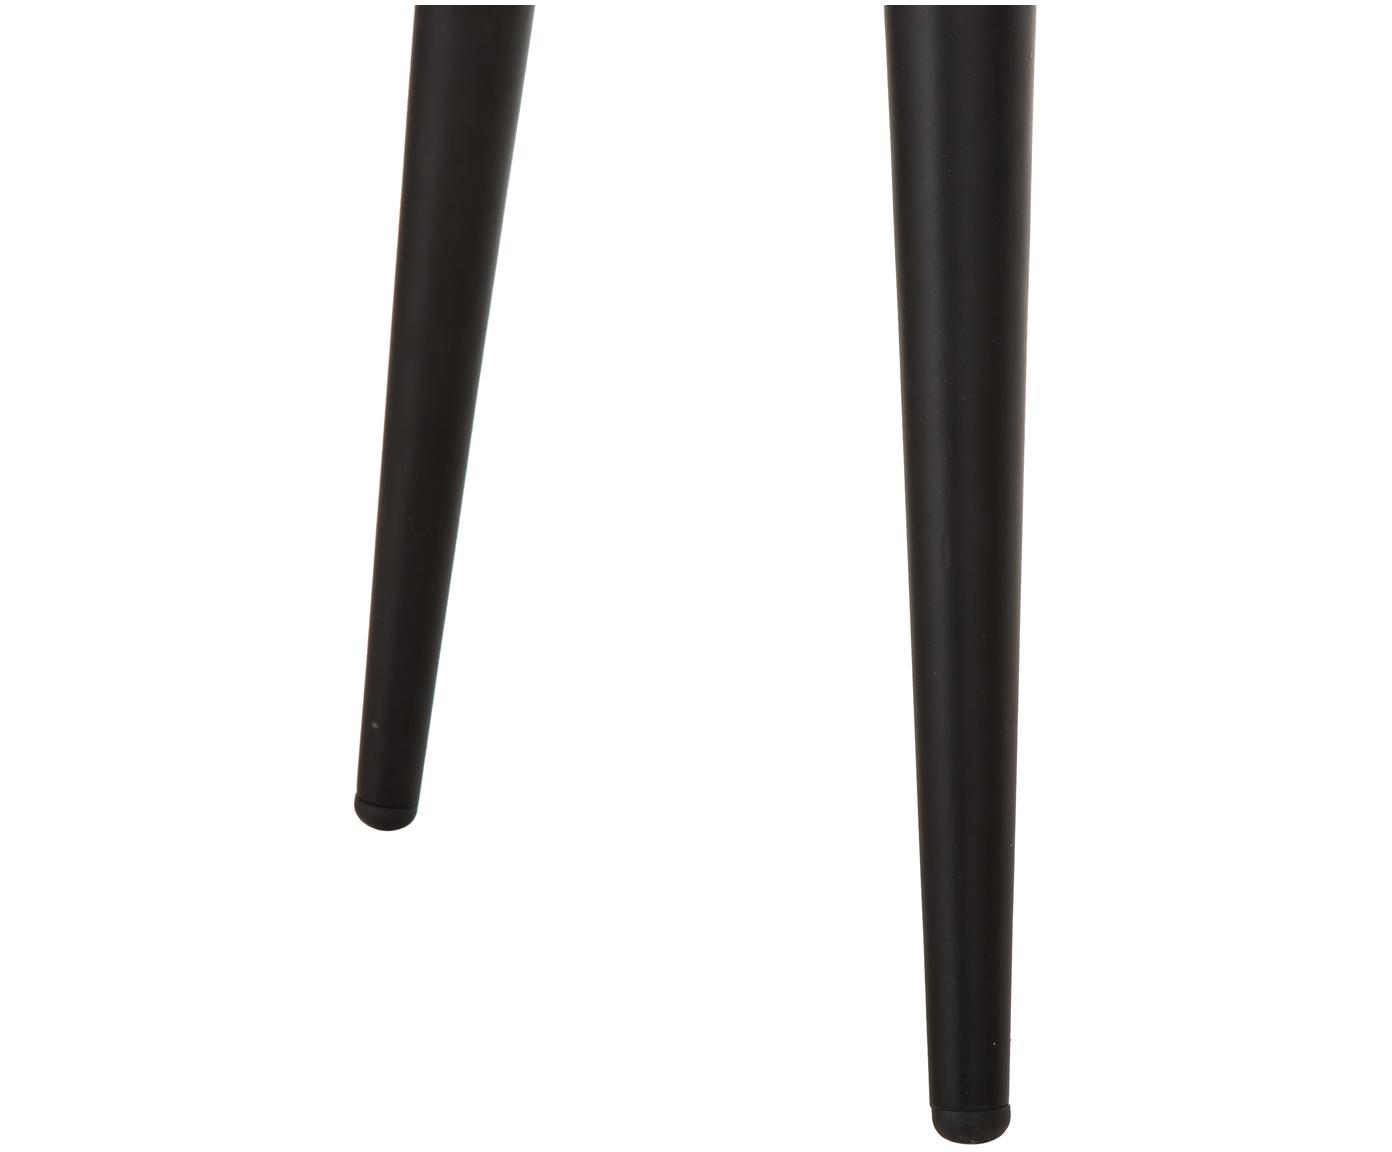 Samt-Polsterstühle Yoki, 2 Stück, Bezug: Samt (Polyester) 20.000 S, Beine: Metall, pulverbeschichtet, Samt Grau, Beine Schwarz, B 53 x T 57 cm